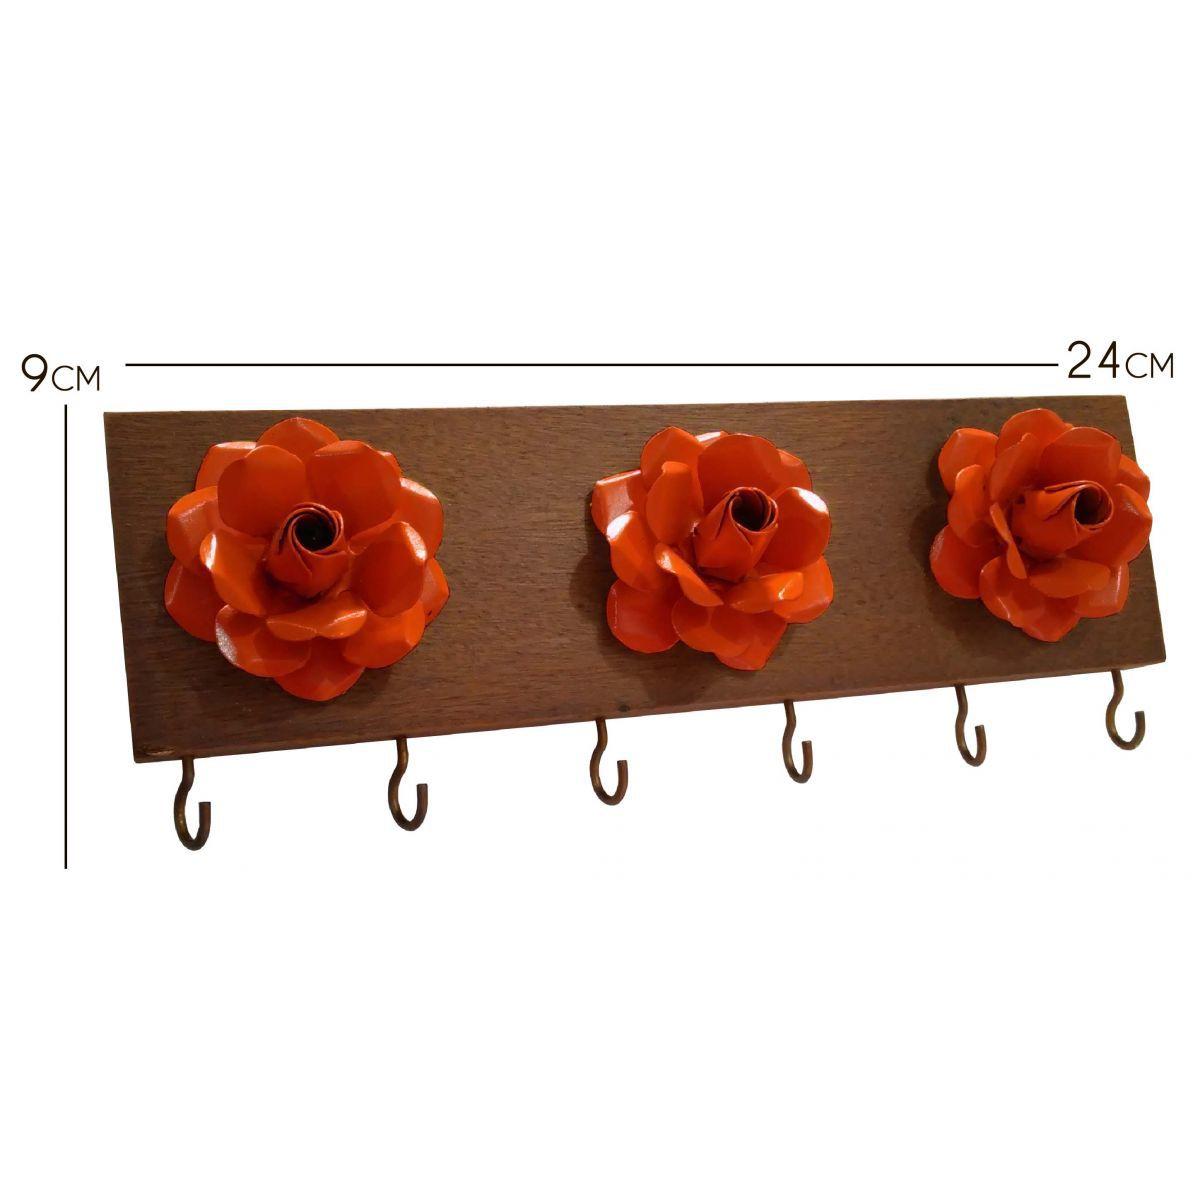 Porta Chaves Artesanal Moderno de Parede com Flores de Ferro